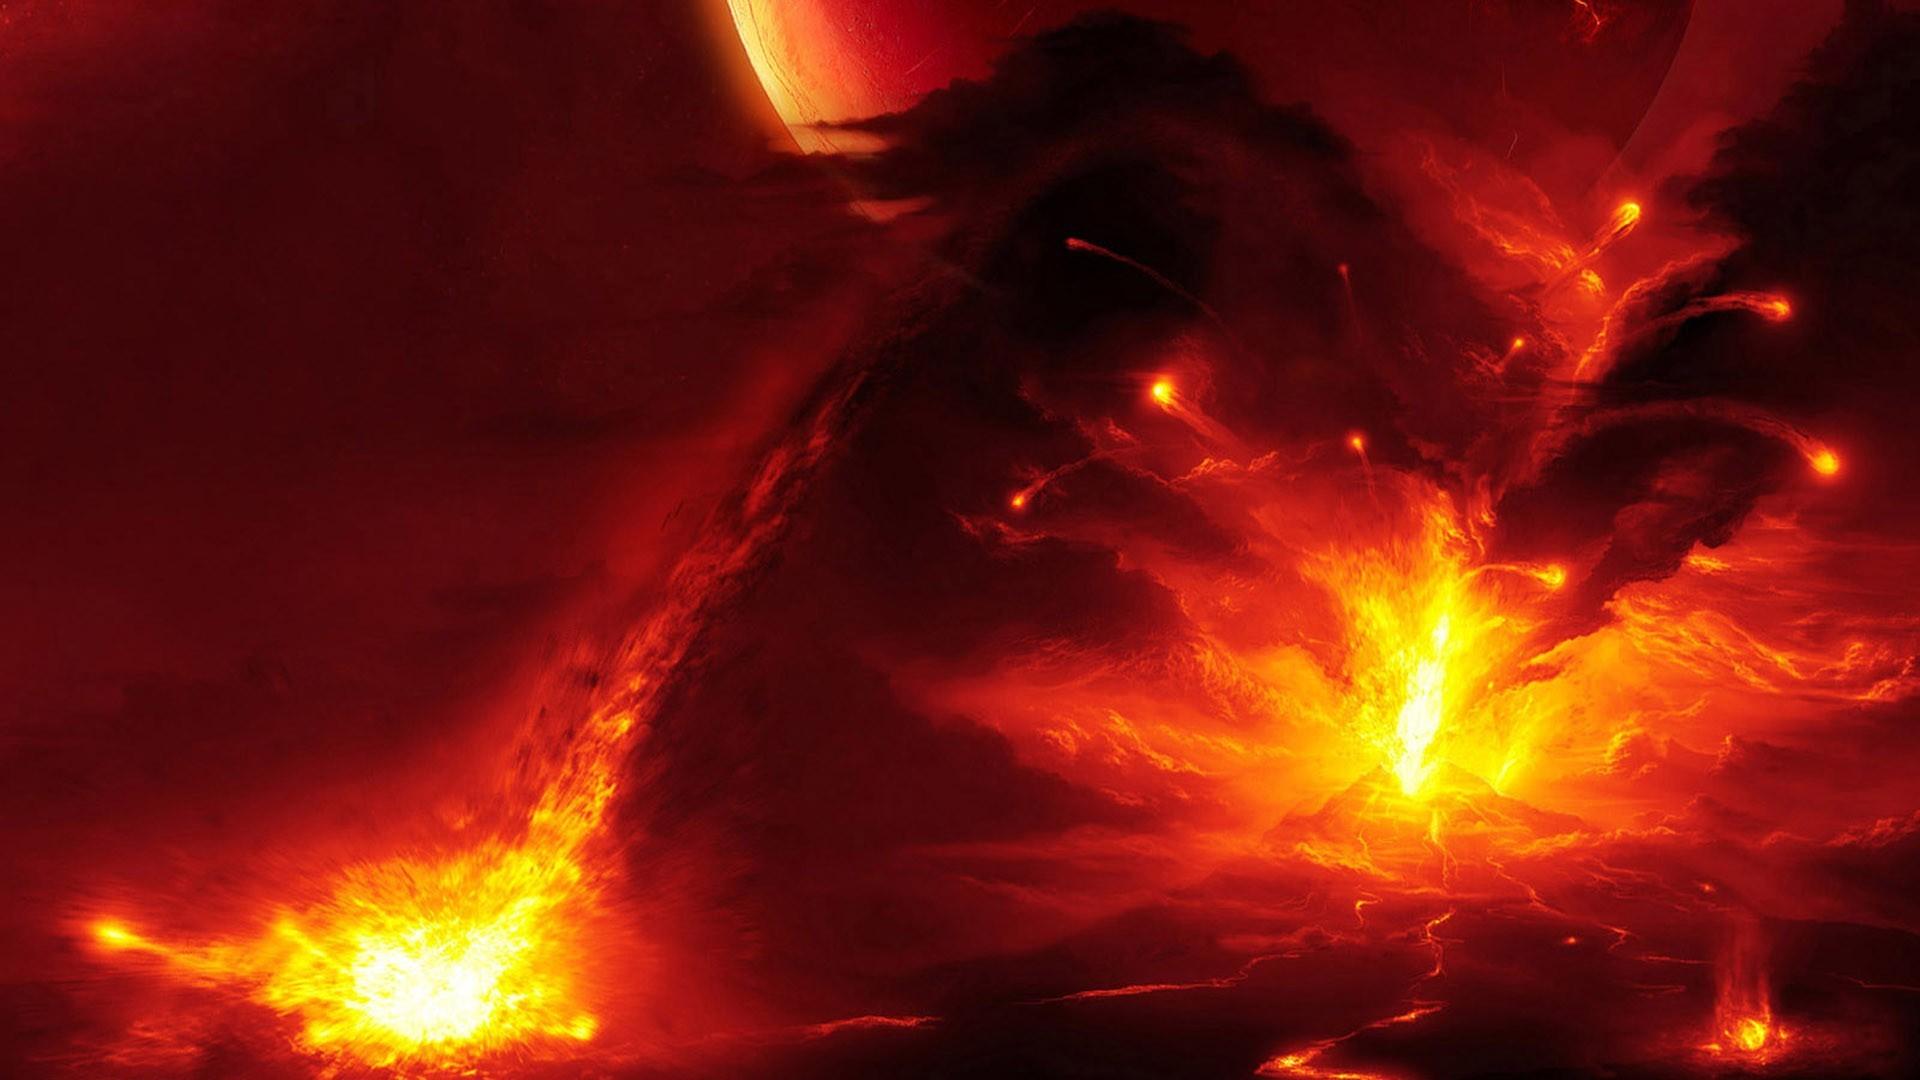 Volcano eruption wallpaper 3169 1920x1080